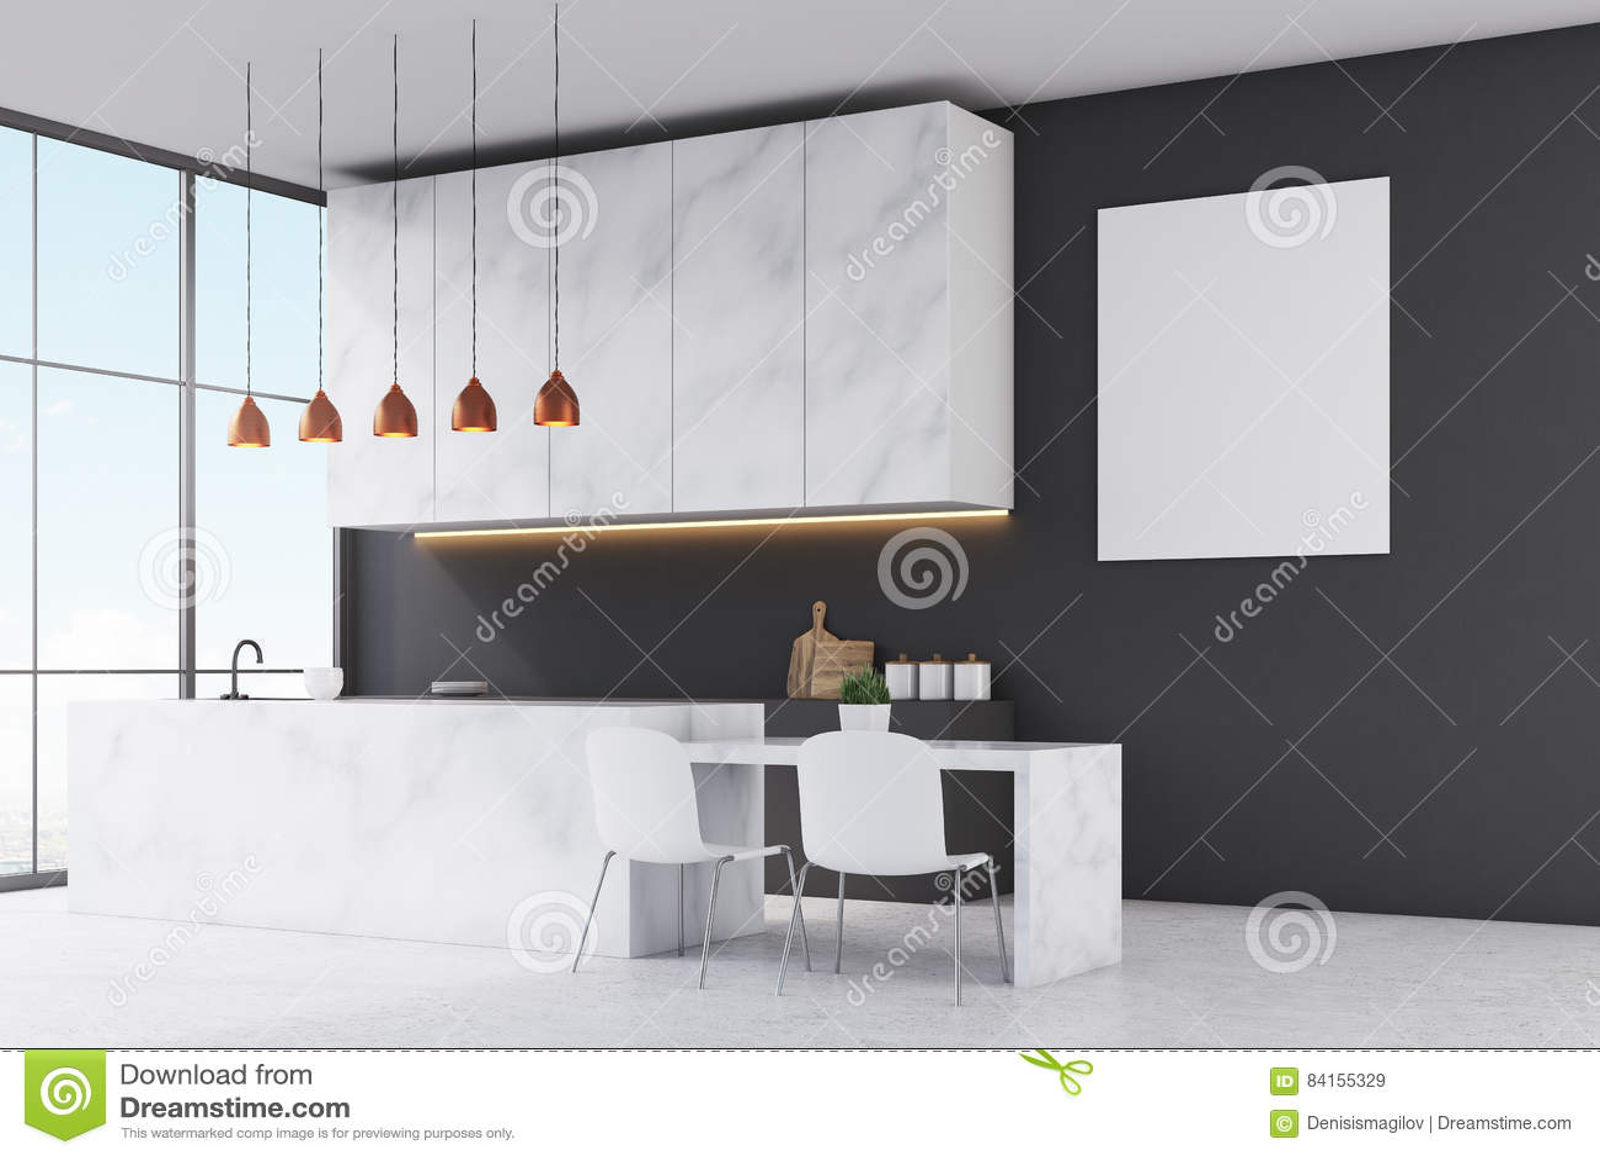 Gallery of cucine bianche e nero moderne cucina for Cucine bianche e nere